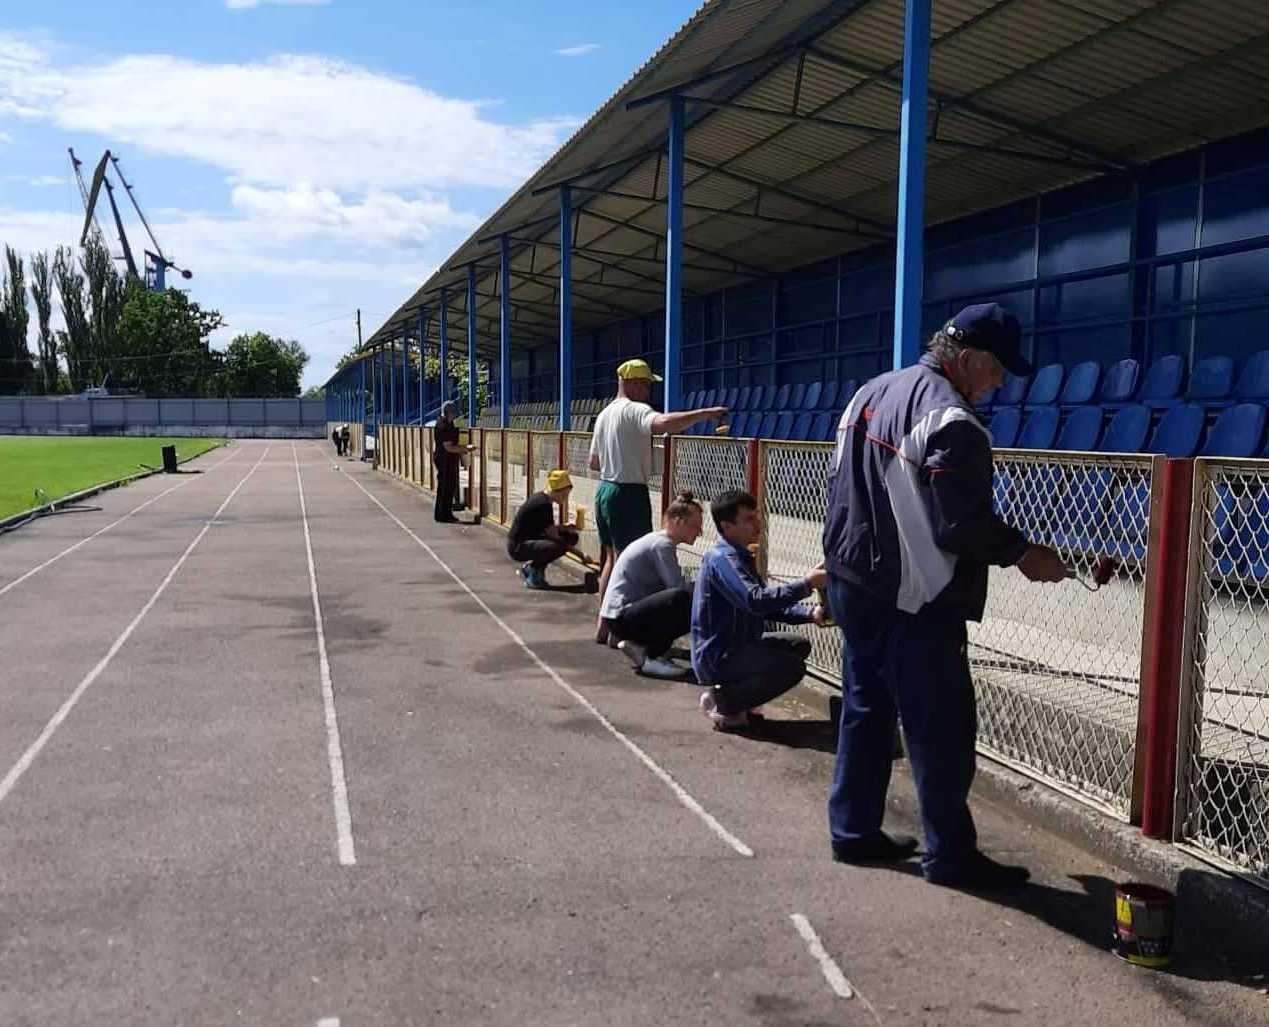 Пошаговое перевоплощение: Килийскую спортивную школу благоустраивают силами сотрудников